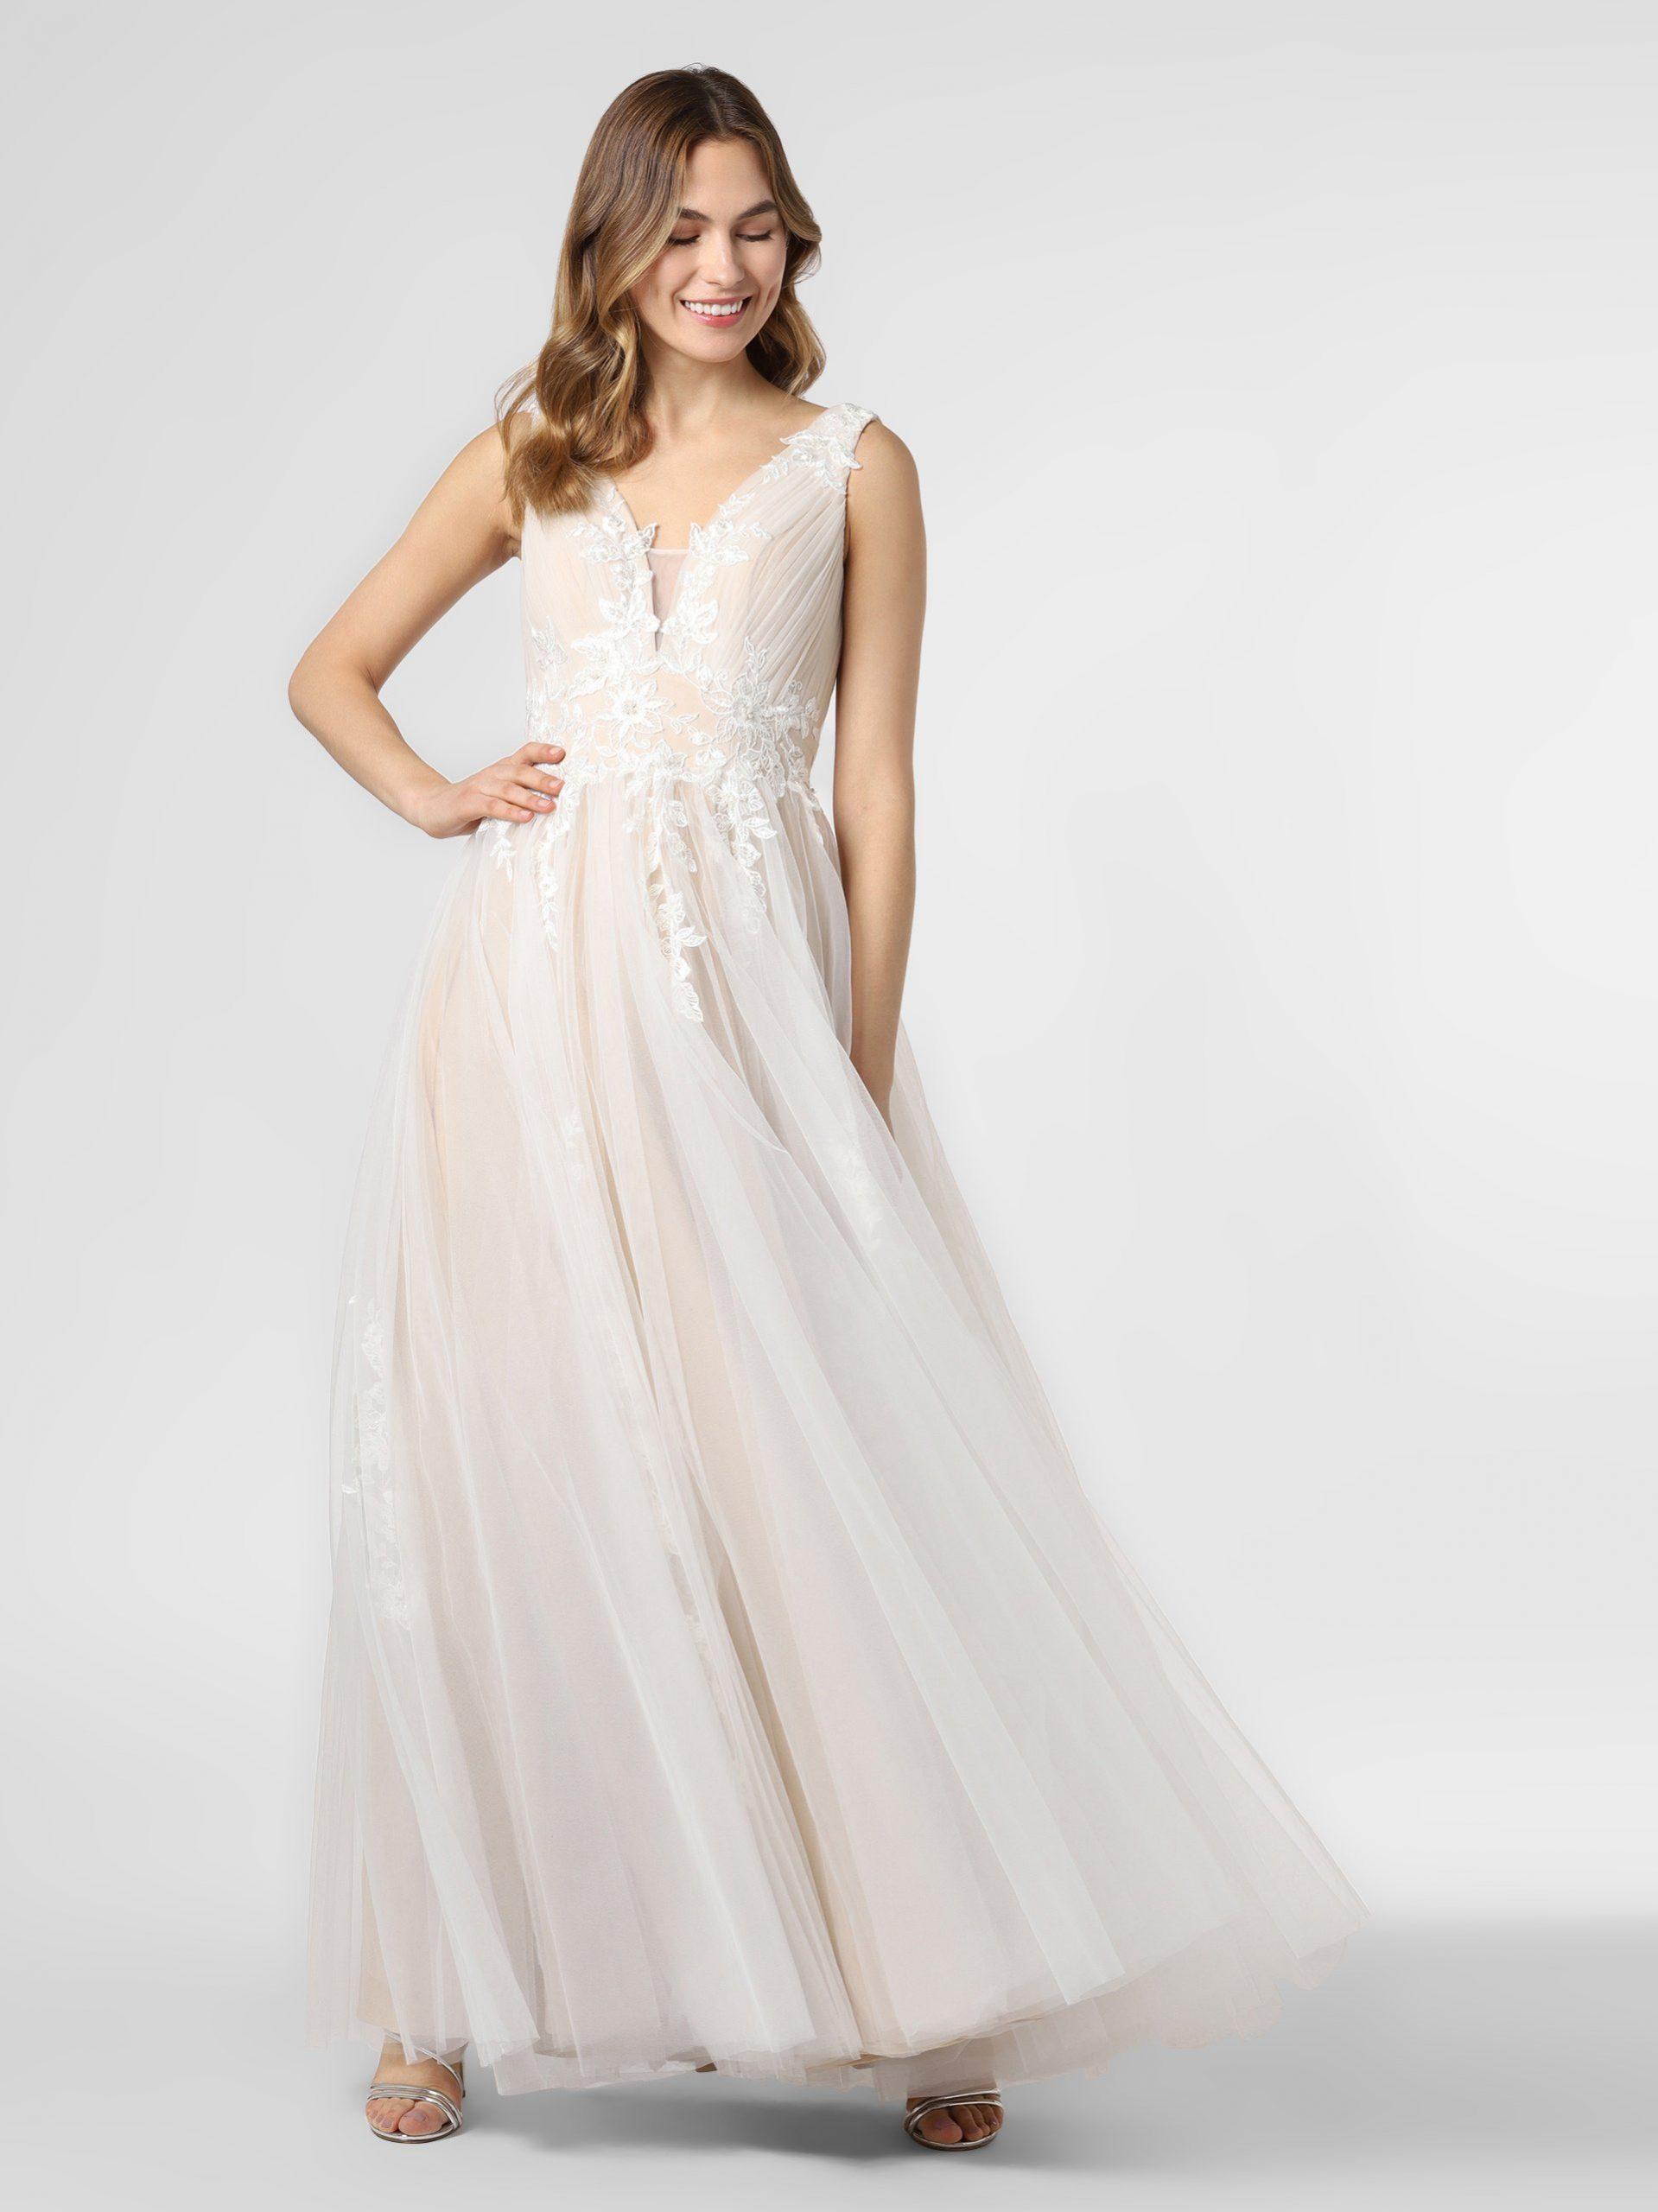 Luxuar Fashion Damen Brautkleid Online Kaufen  Peekund